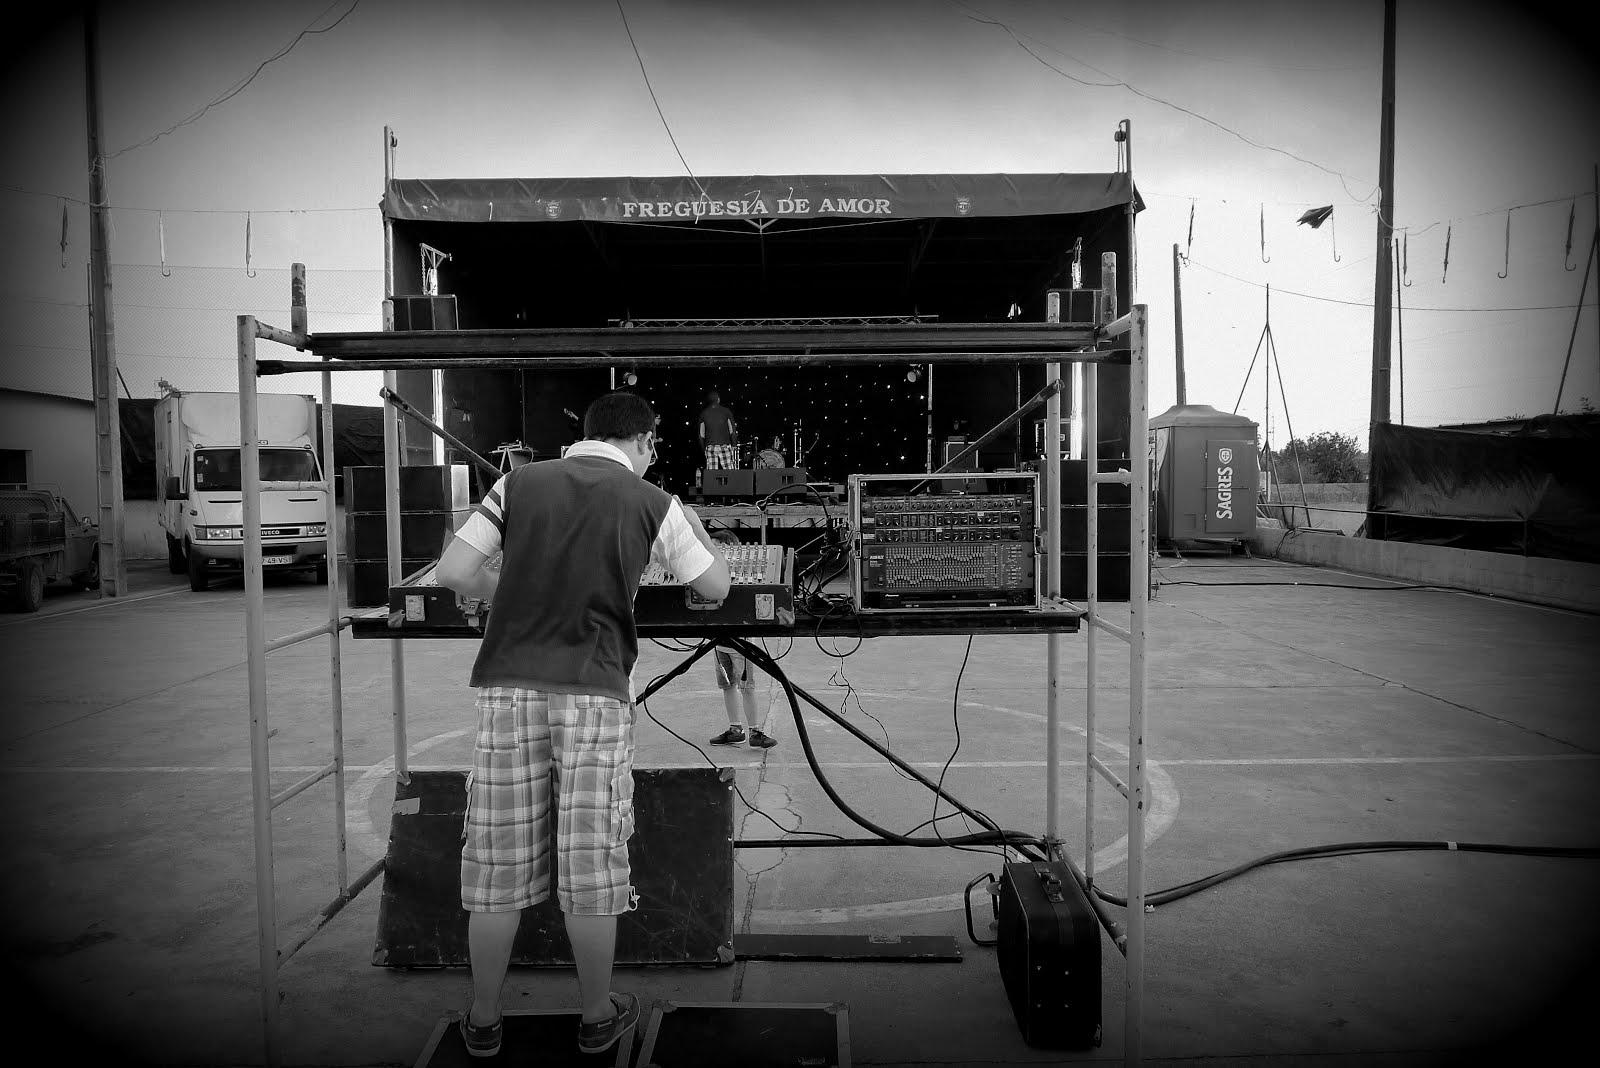 DR.CAVALHEIRO TOUR 2015